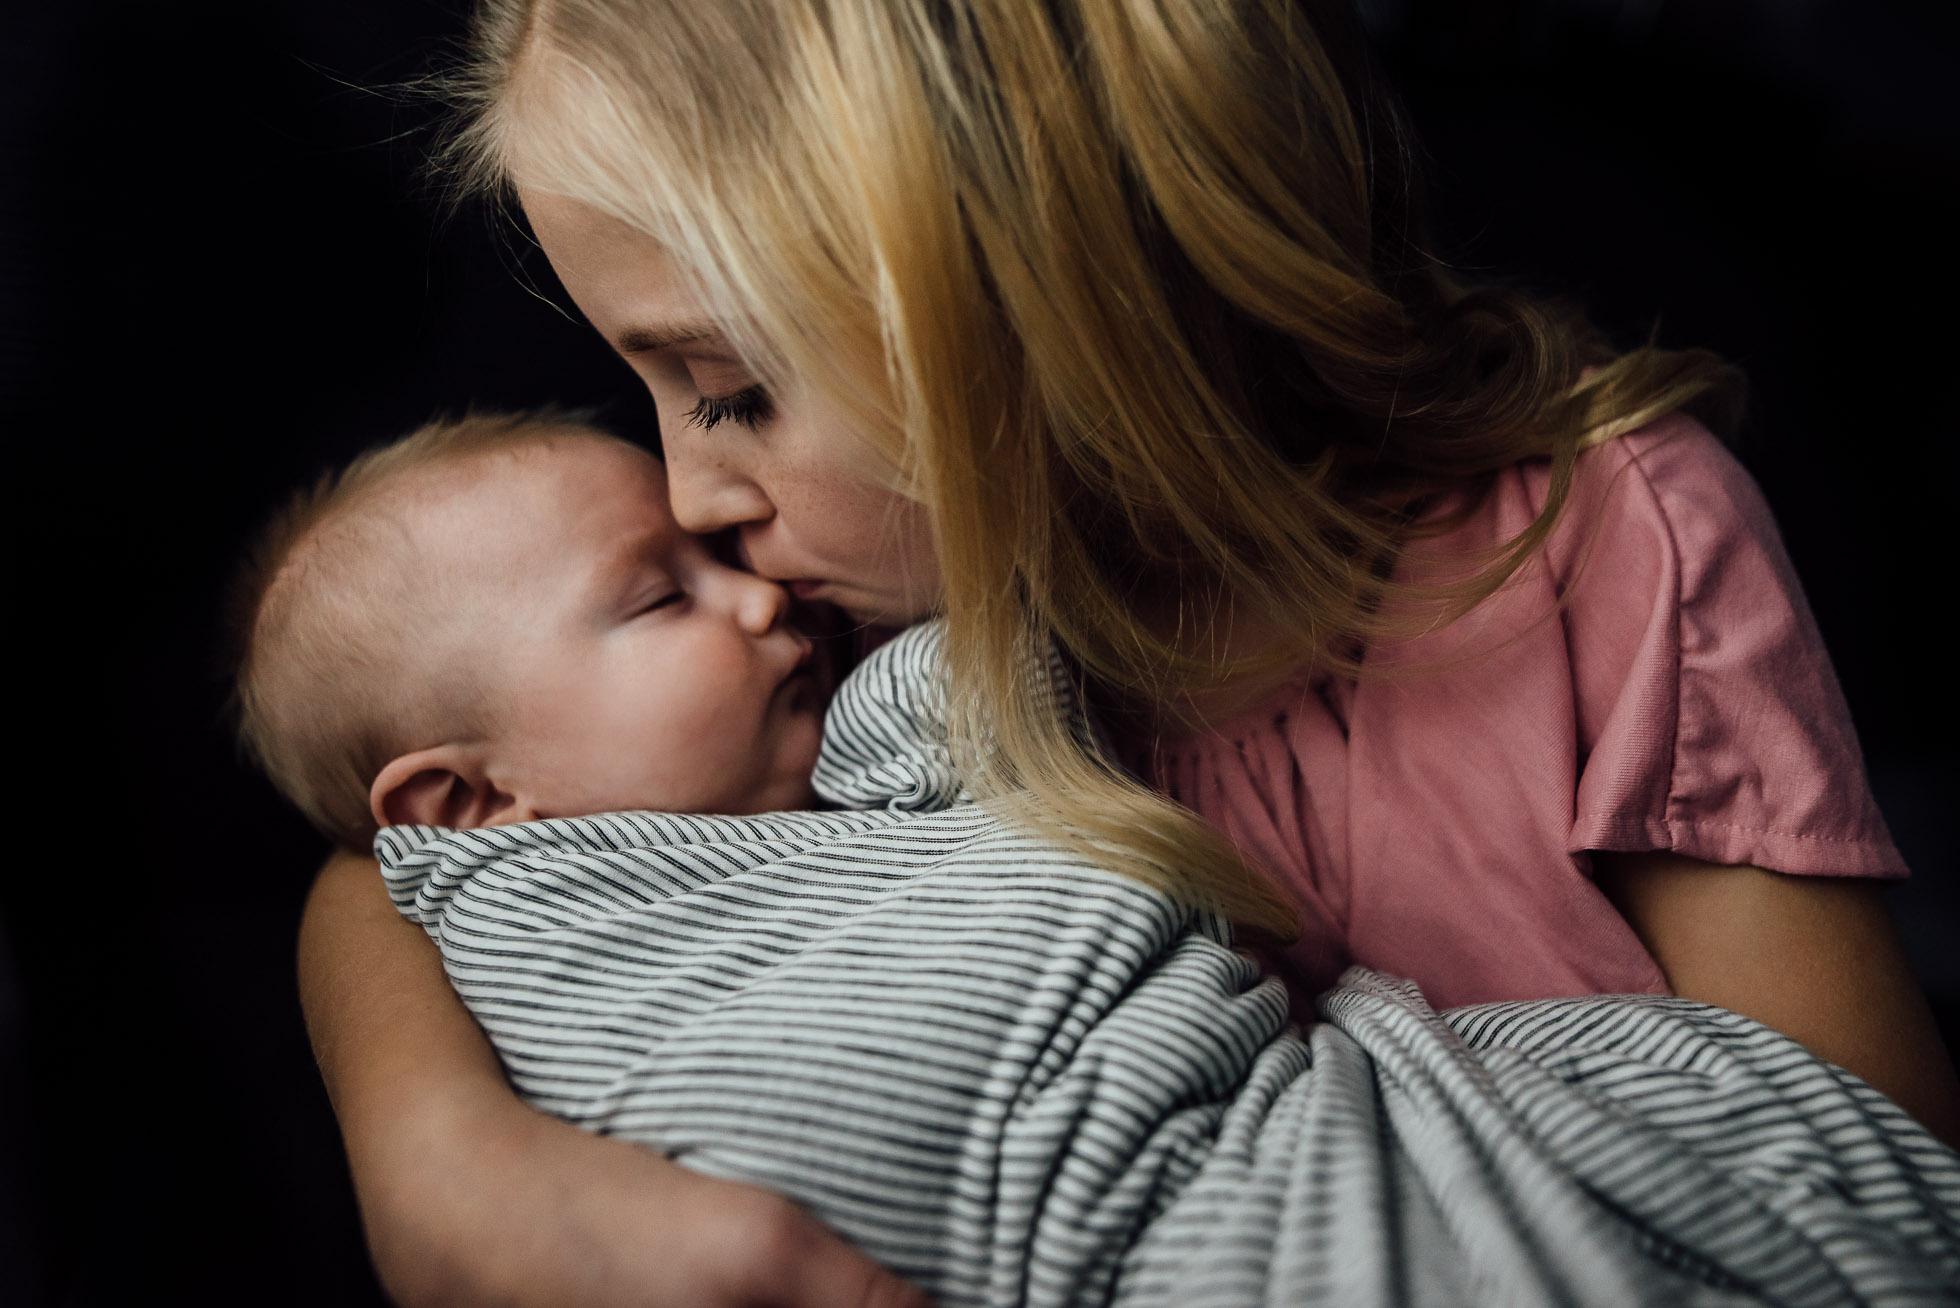 Big sister kissing baby